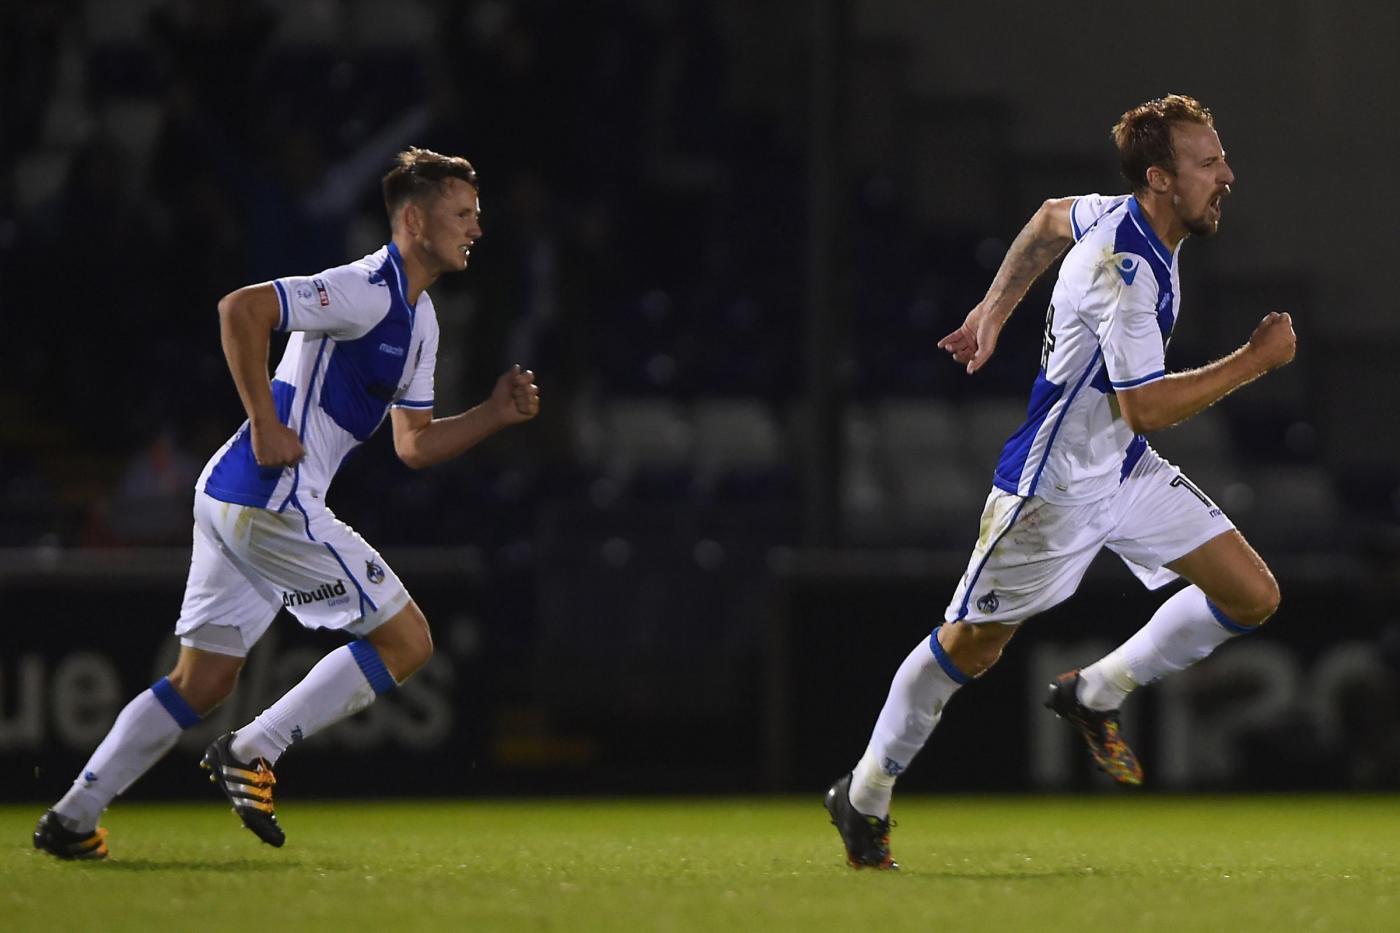 Bristol Rovers-Peterborough 29 gennaio: si gioca il recupero della 27 esima giornata della Serie C inglese. Ospiti favoriti.